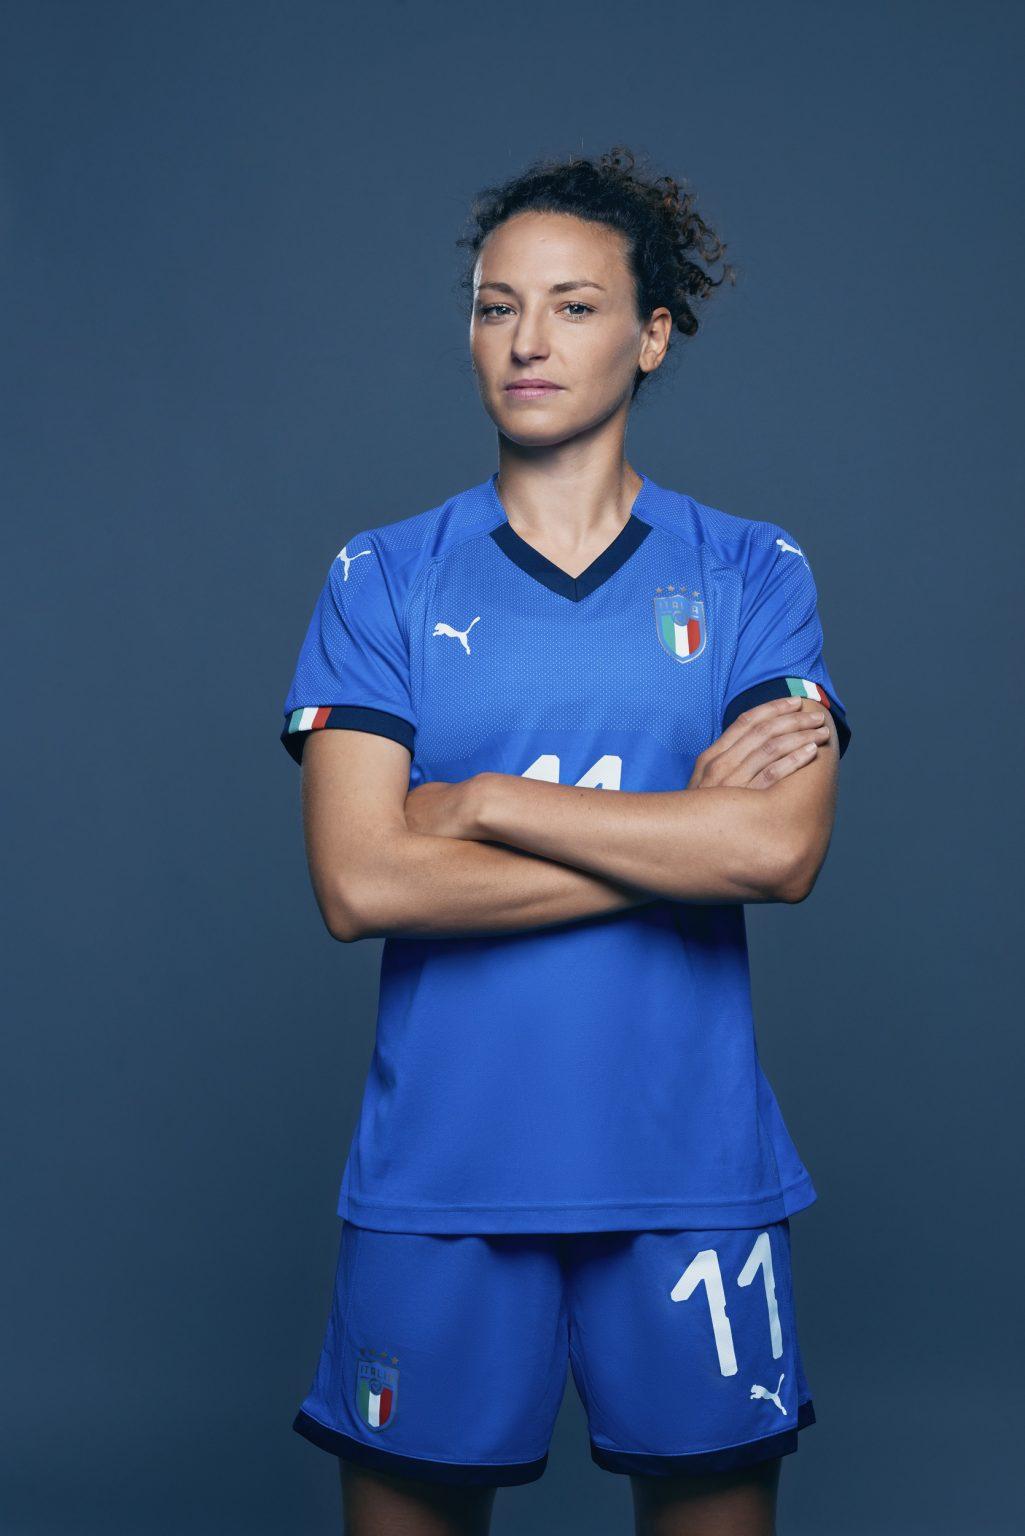 Florence, May 2019 - Ilaria Mauro, Italy women's national football team player. >< Firenze, maggio 2019 - Ilaria Mauro, calciatrice della Nazionale femminile italiana di calcio.